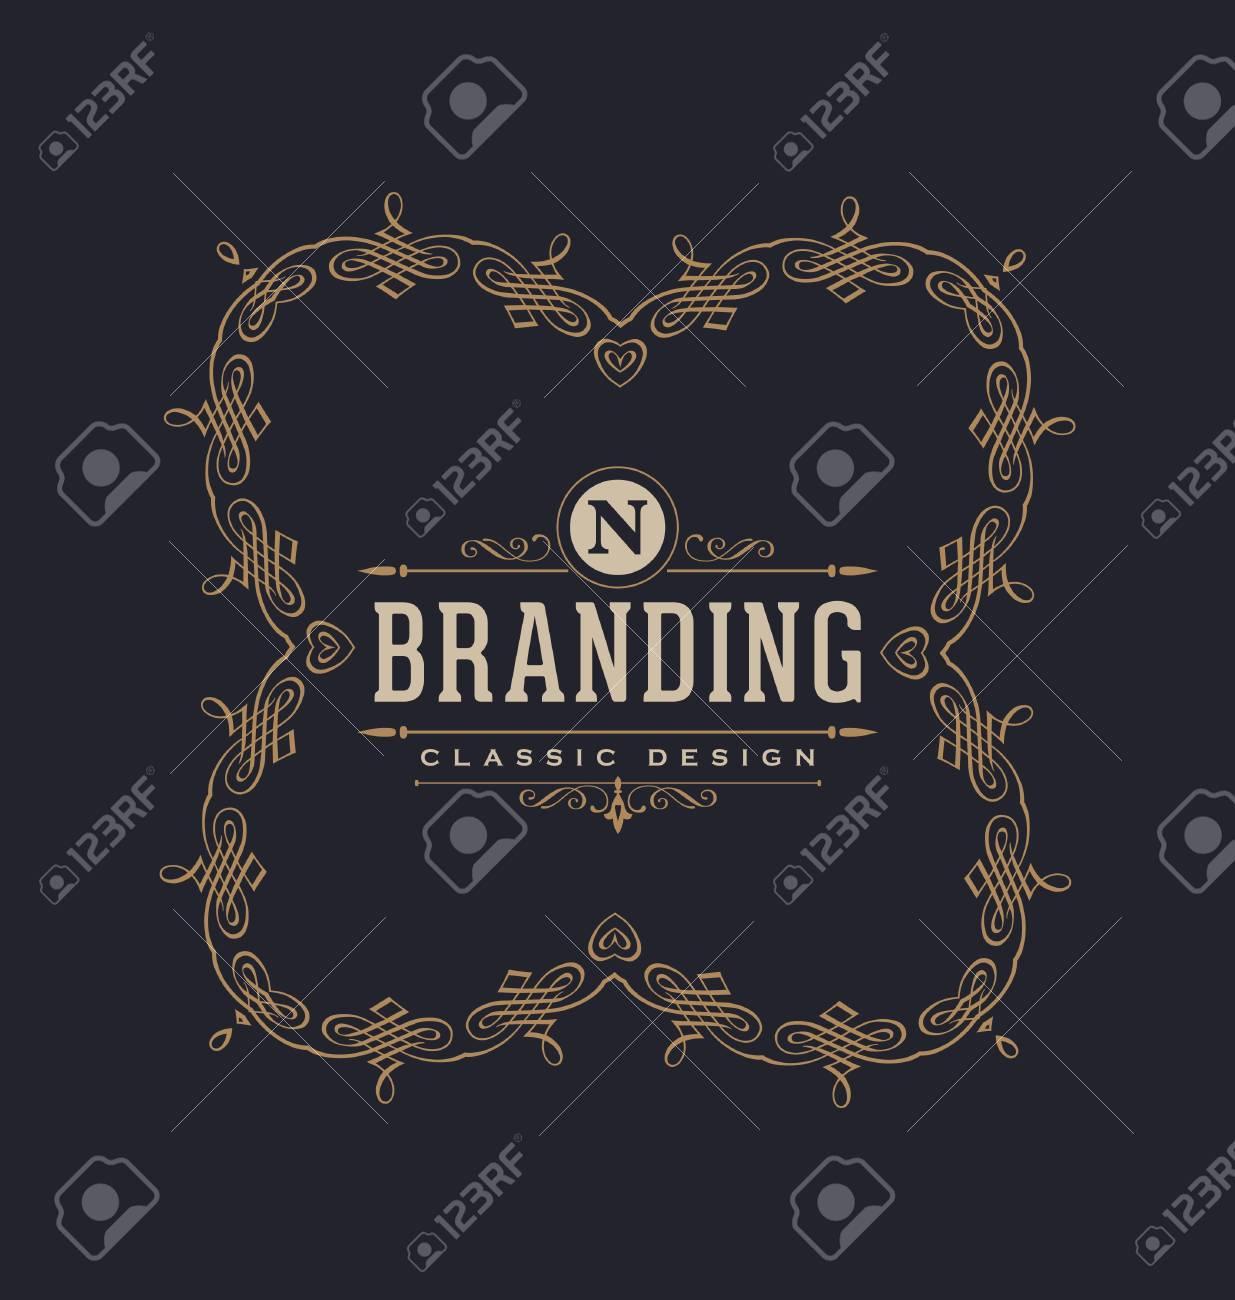 75852f379928 Modèle De Conception D étiquette Calligraphique - Style Ornemental Classique.  Élégant Cadre De Luxe Avec La Typographie - Logo Idéal Pour Le Restaurant,  ...